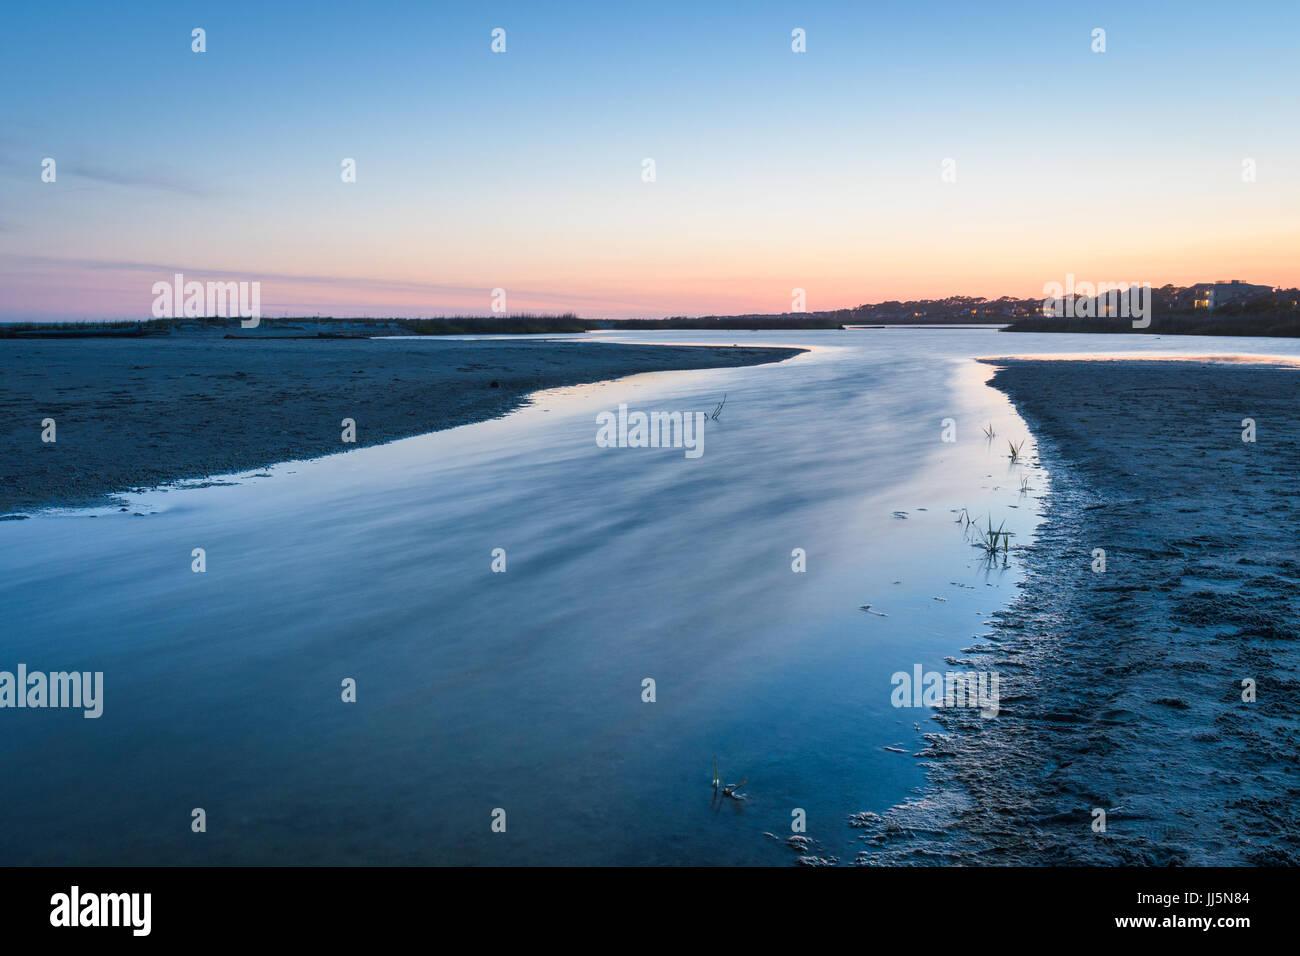 Rivière à marée descend sur la plage au lever du soleil. Photo Stock